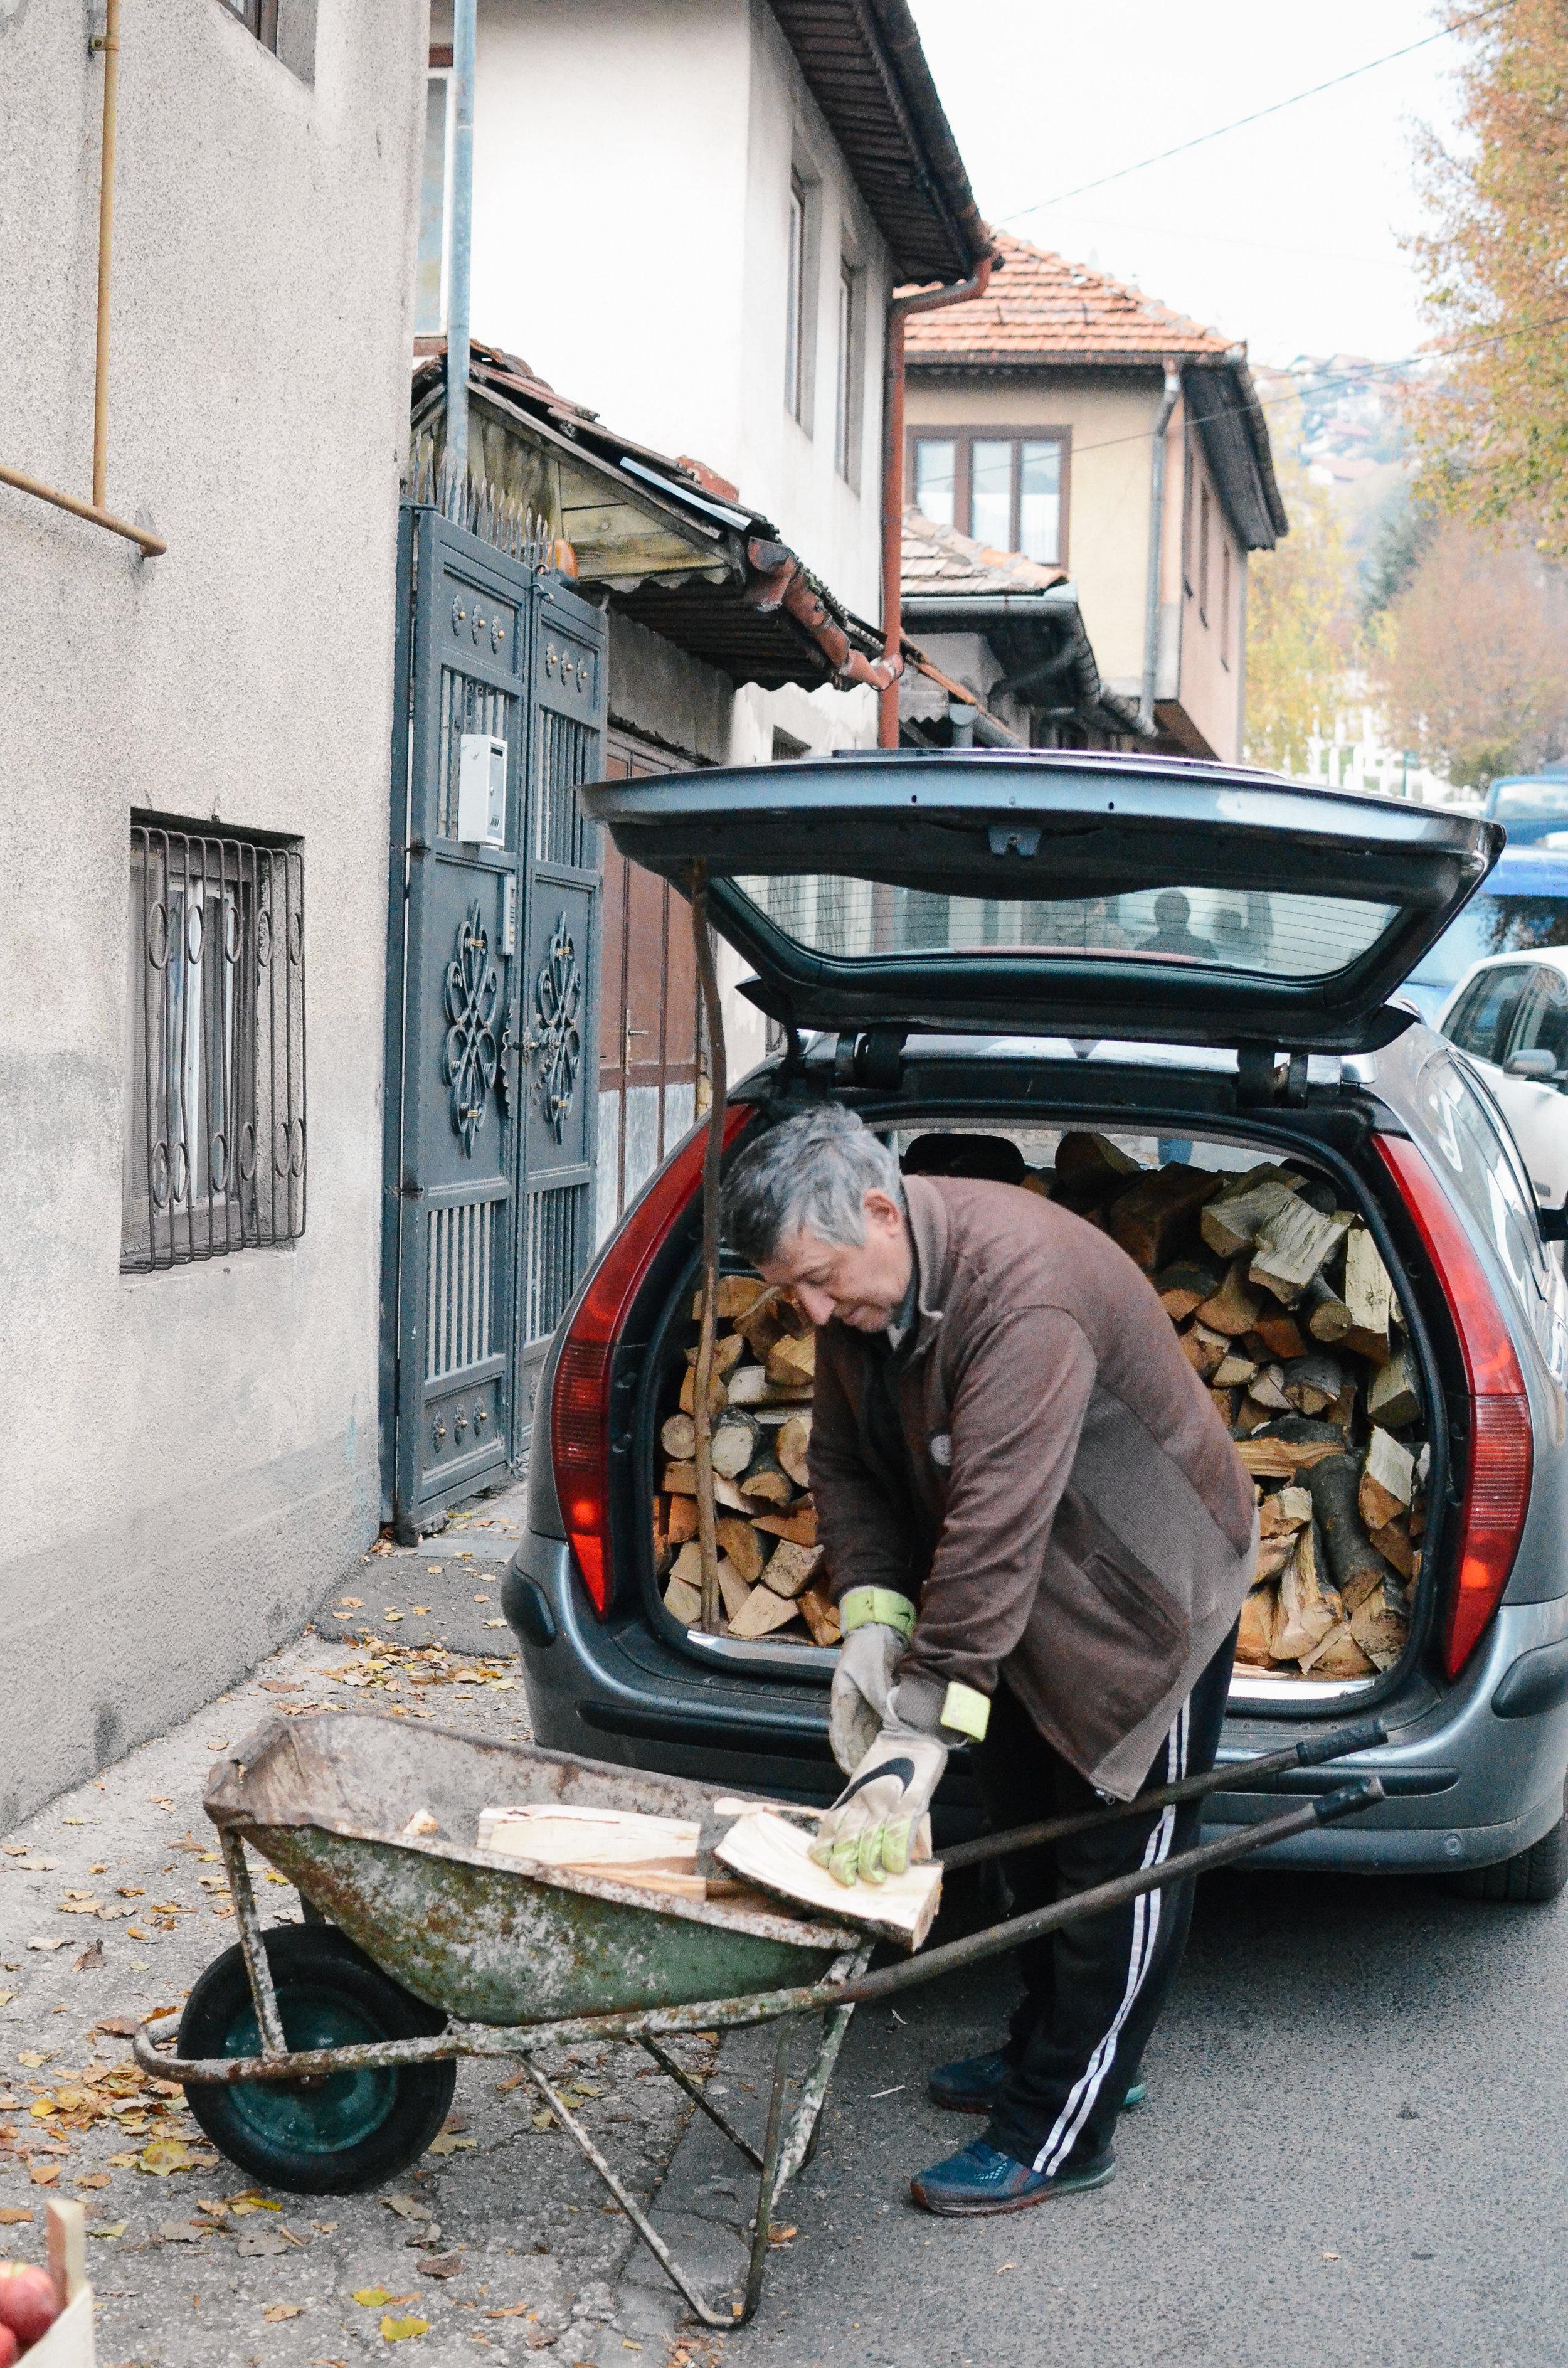 bosnia-travel-sarajevo-guide-lifeonpine_DSC_2934.jpg